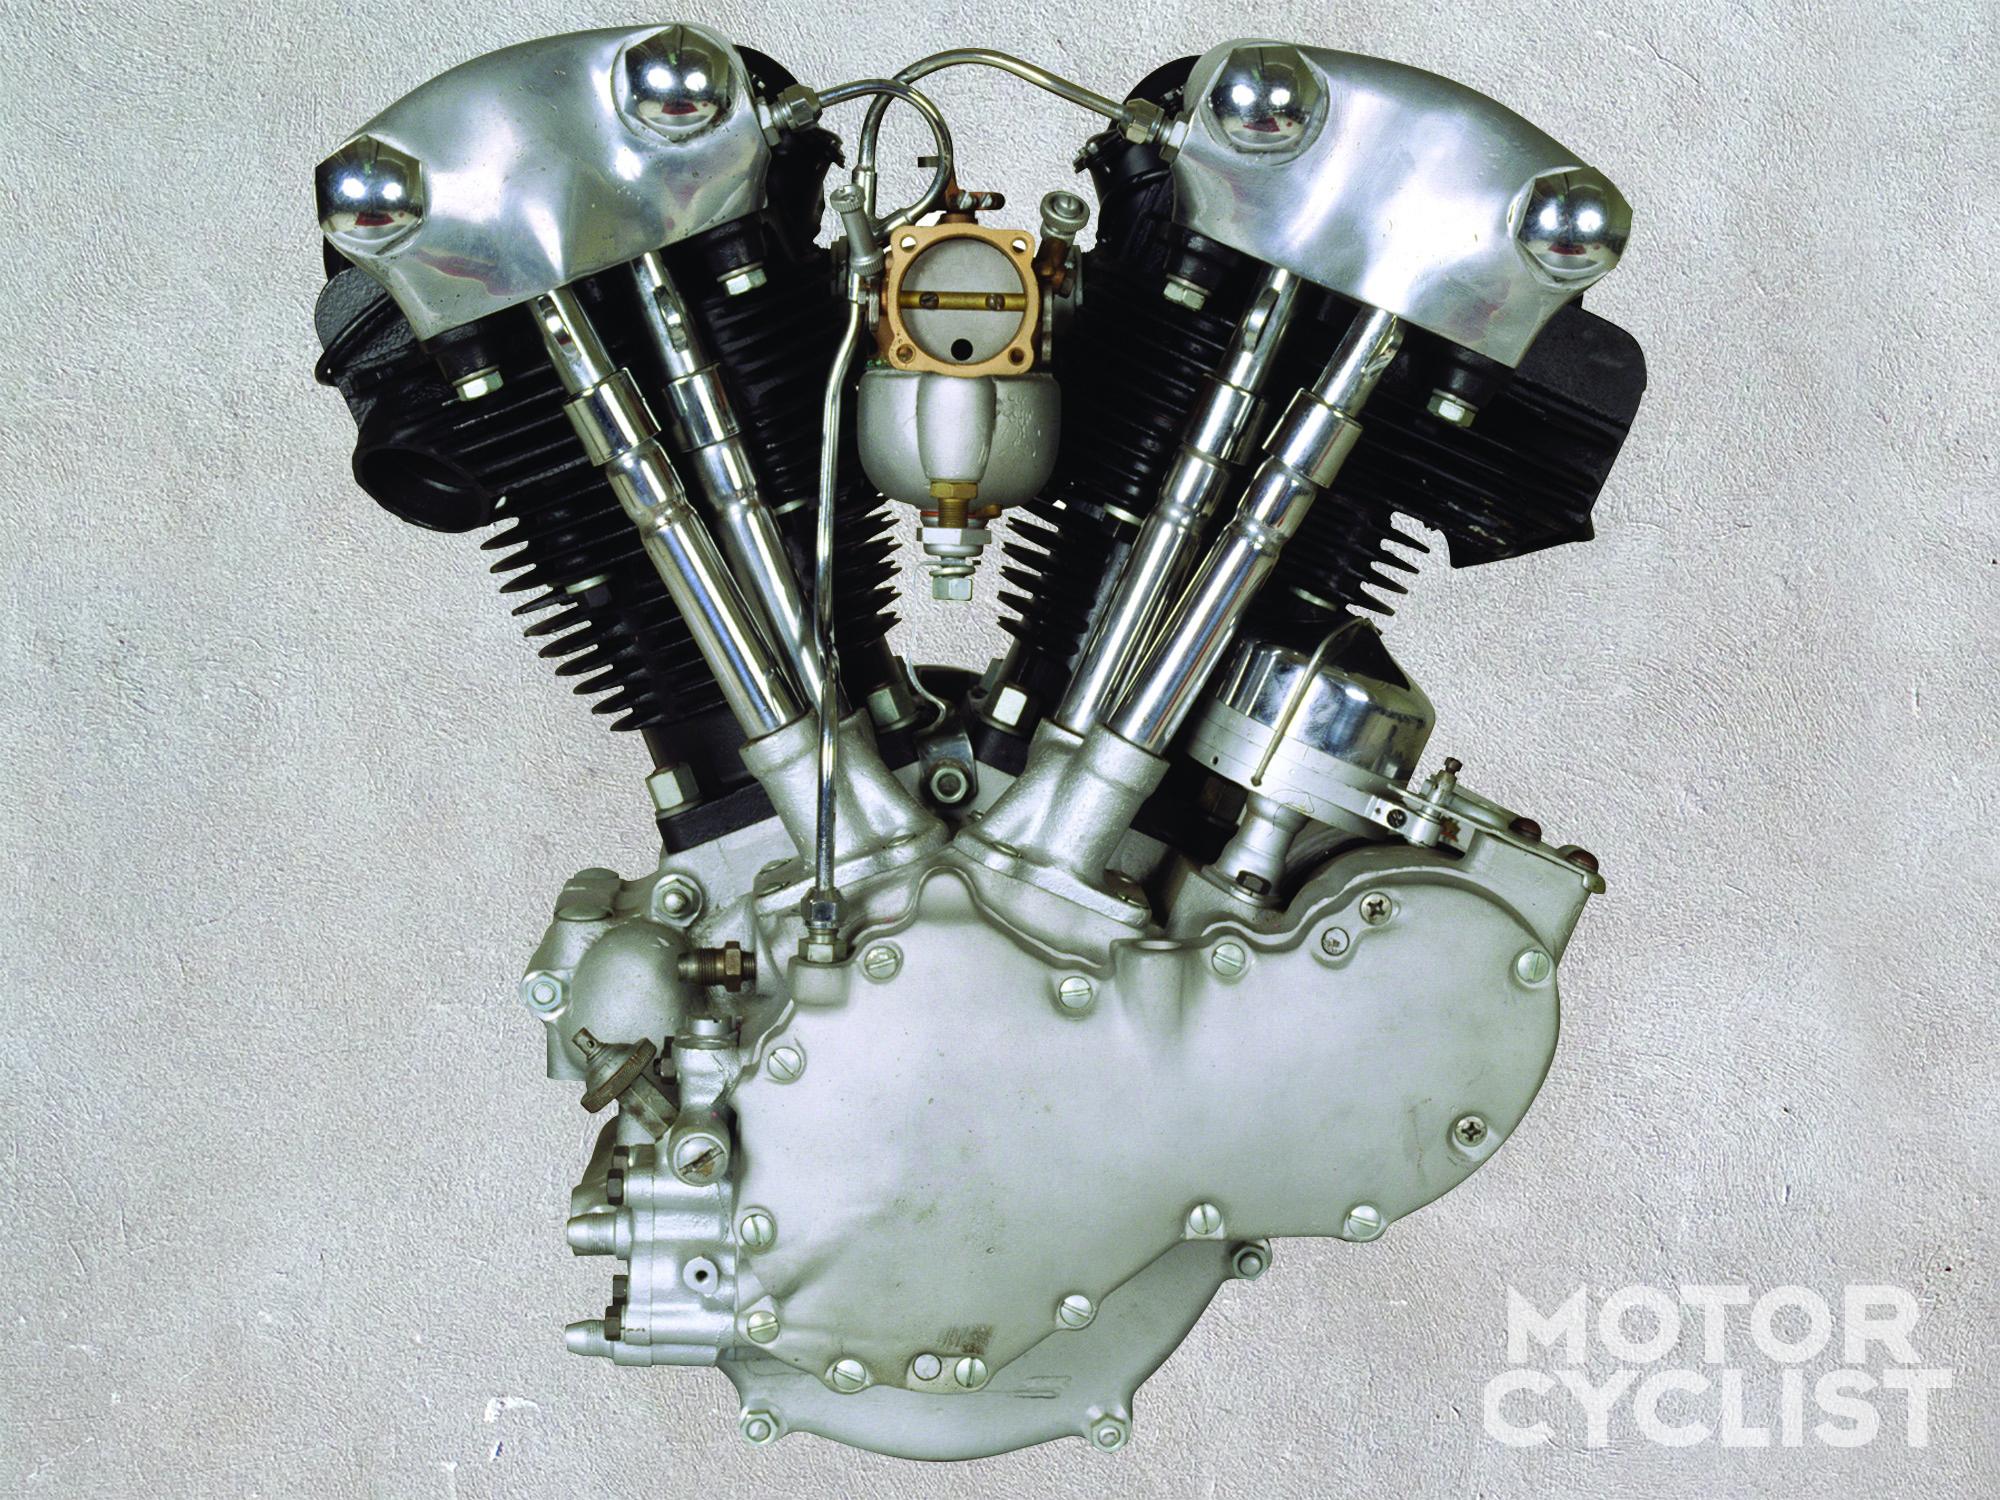 Harley-Davidson V-Twin Engine Timeline | Motorcyclist